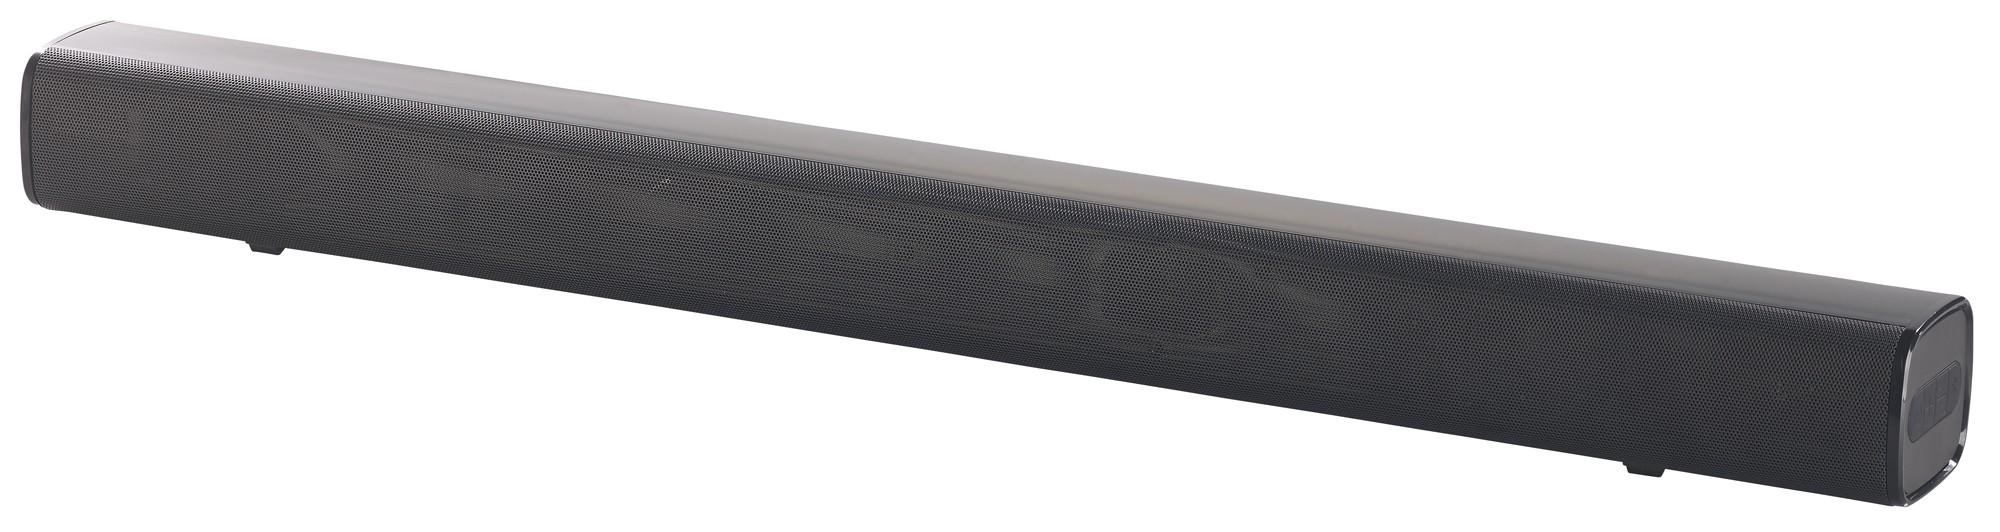 Werbung | Stereo-Soundbar MSX-400.bt von Auvisio – Hörgenuss mit wenig Platzbedarf